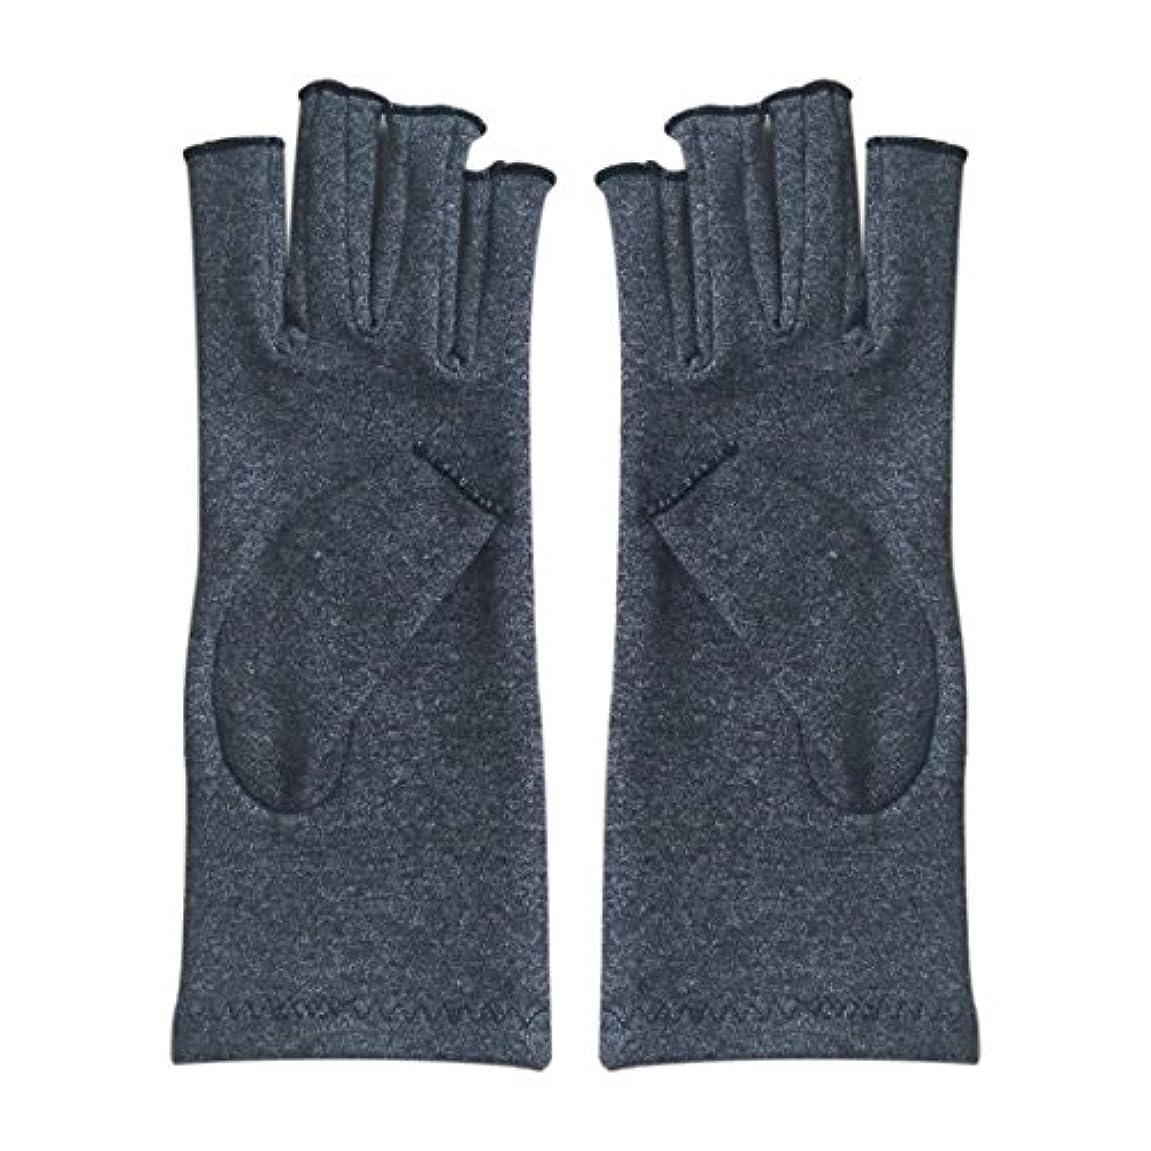 微視的メイド観点ACAMPTAR 1ペア成人男性女性用弾性コットンコンプレッション手袋手関節炎関節痛鎮痛軽減S -灰色、S